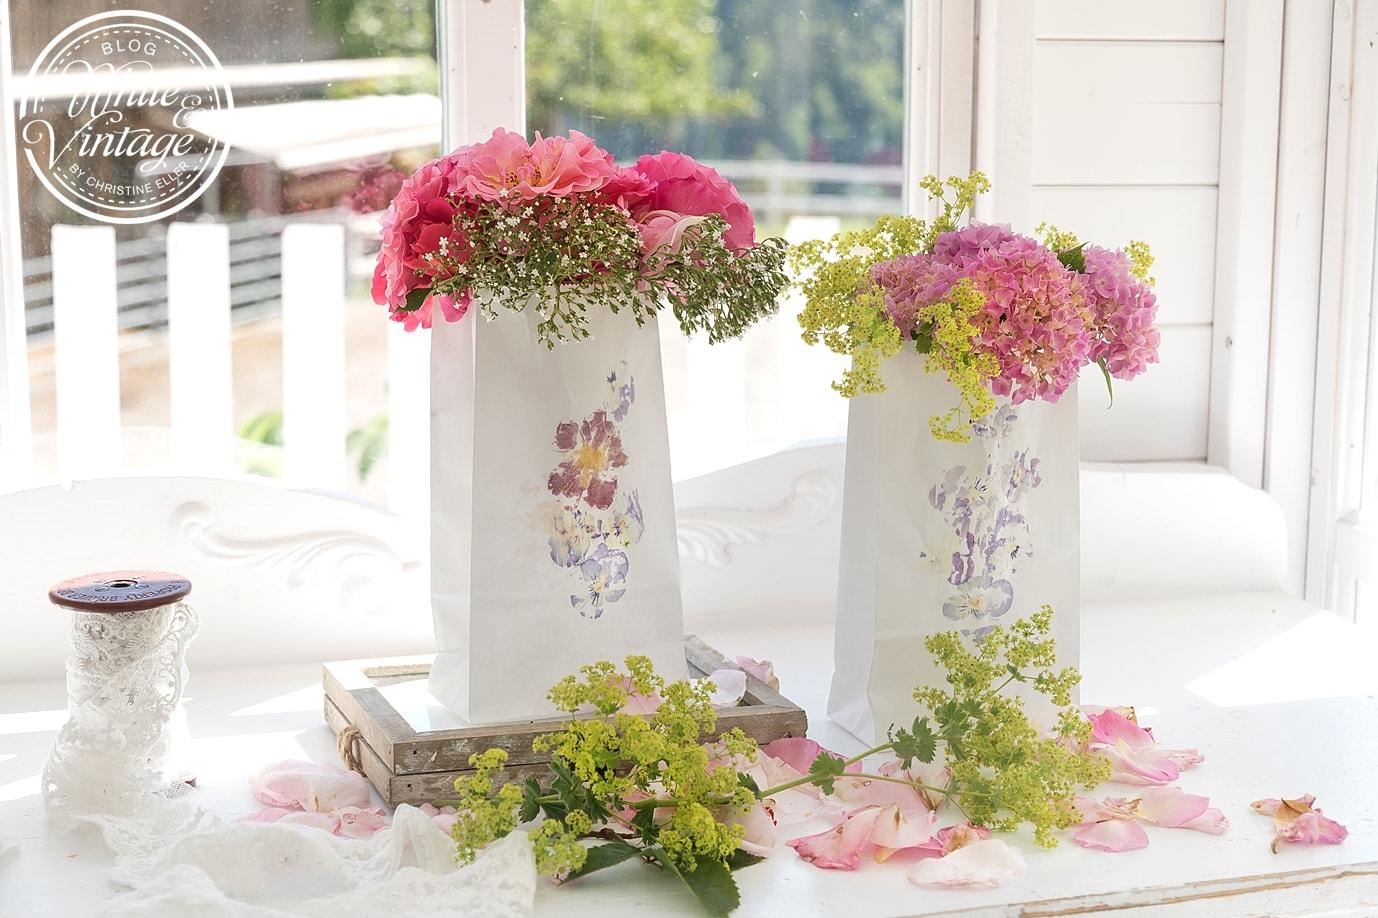 Blumendeko schnell und einfach selber machen